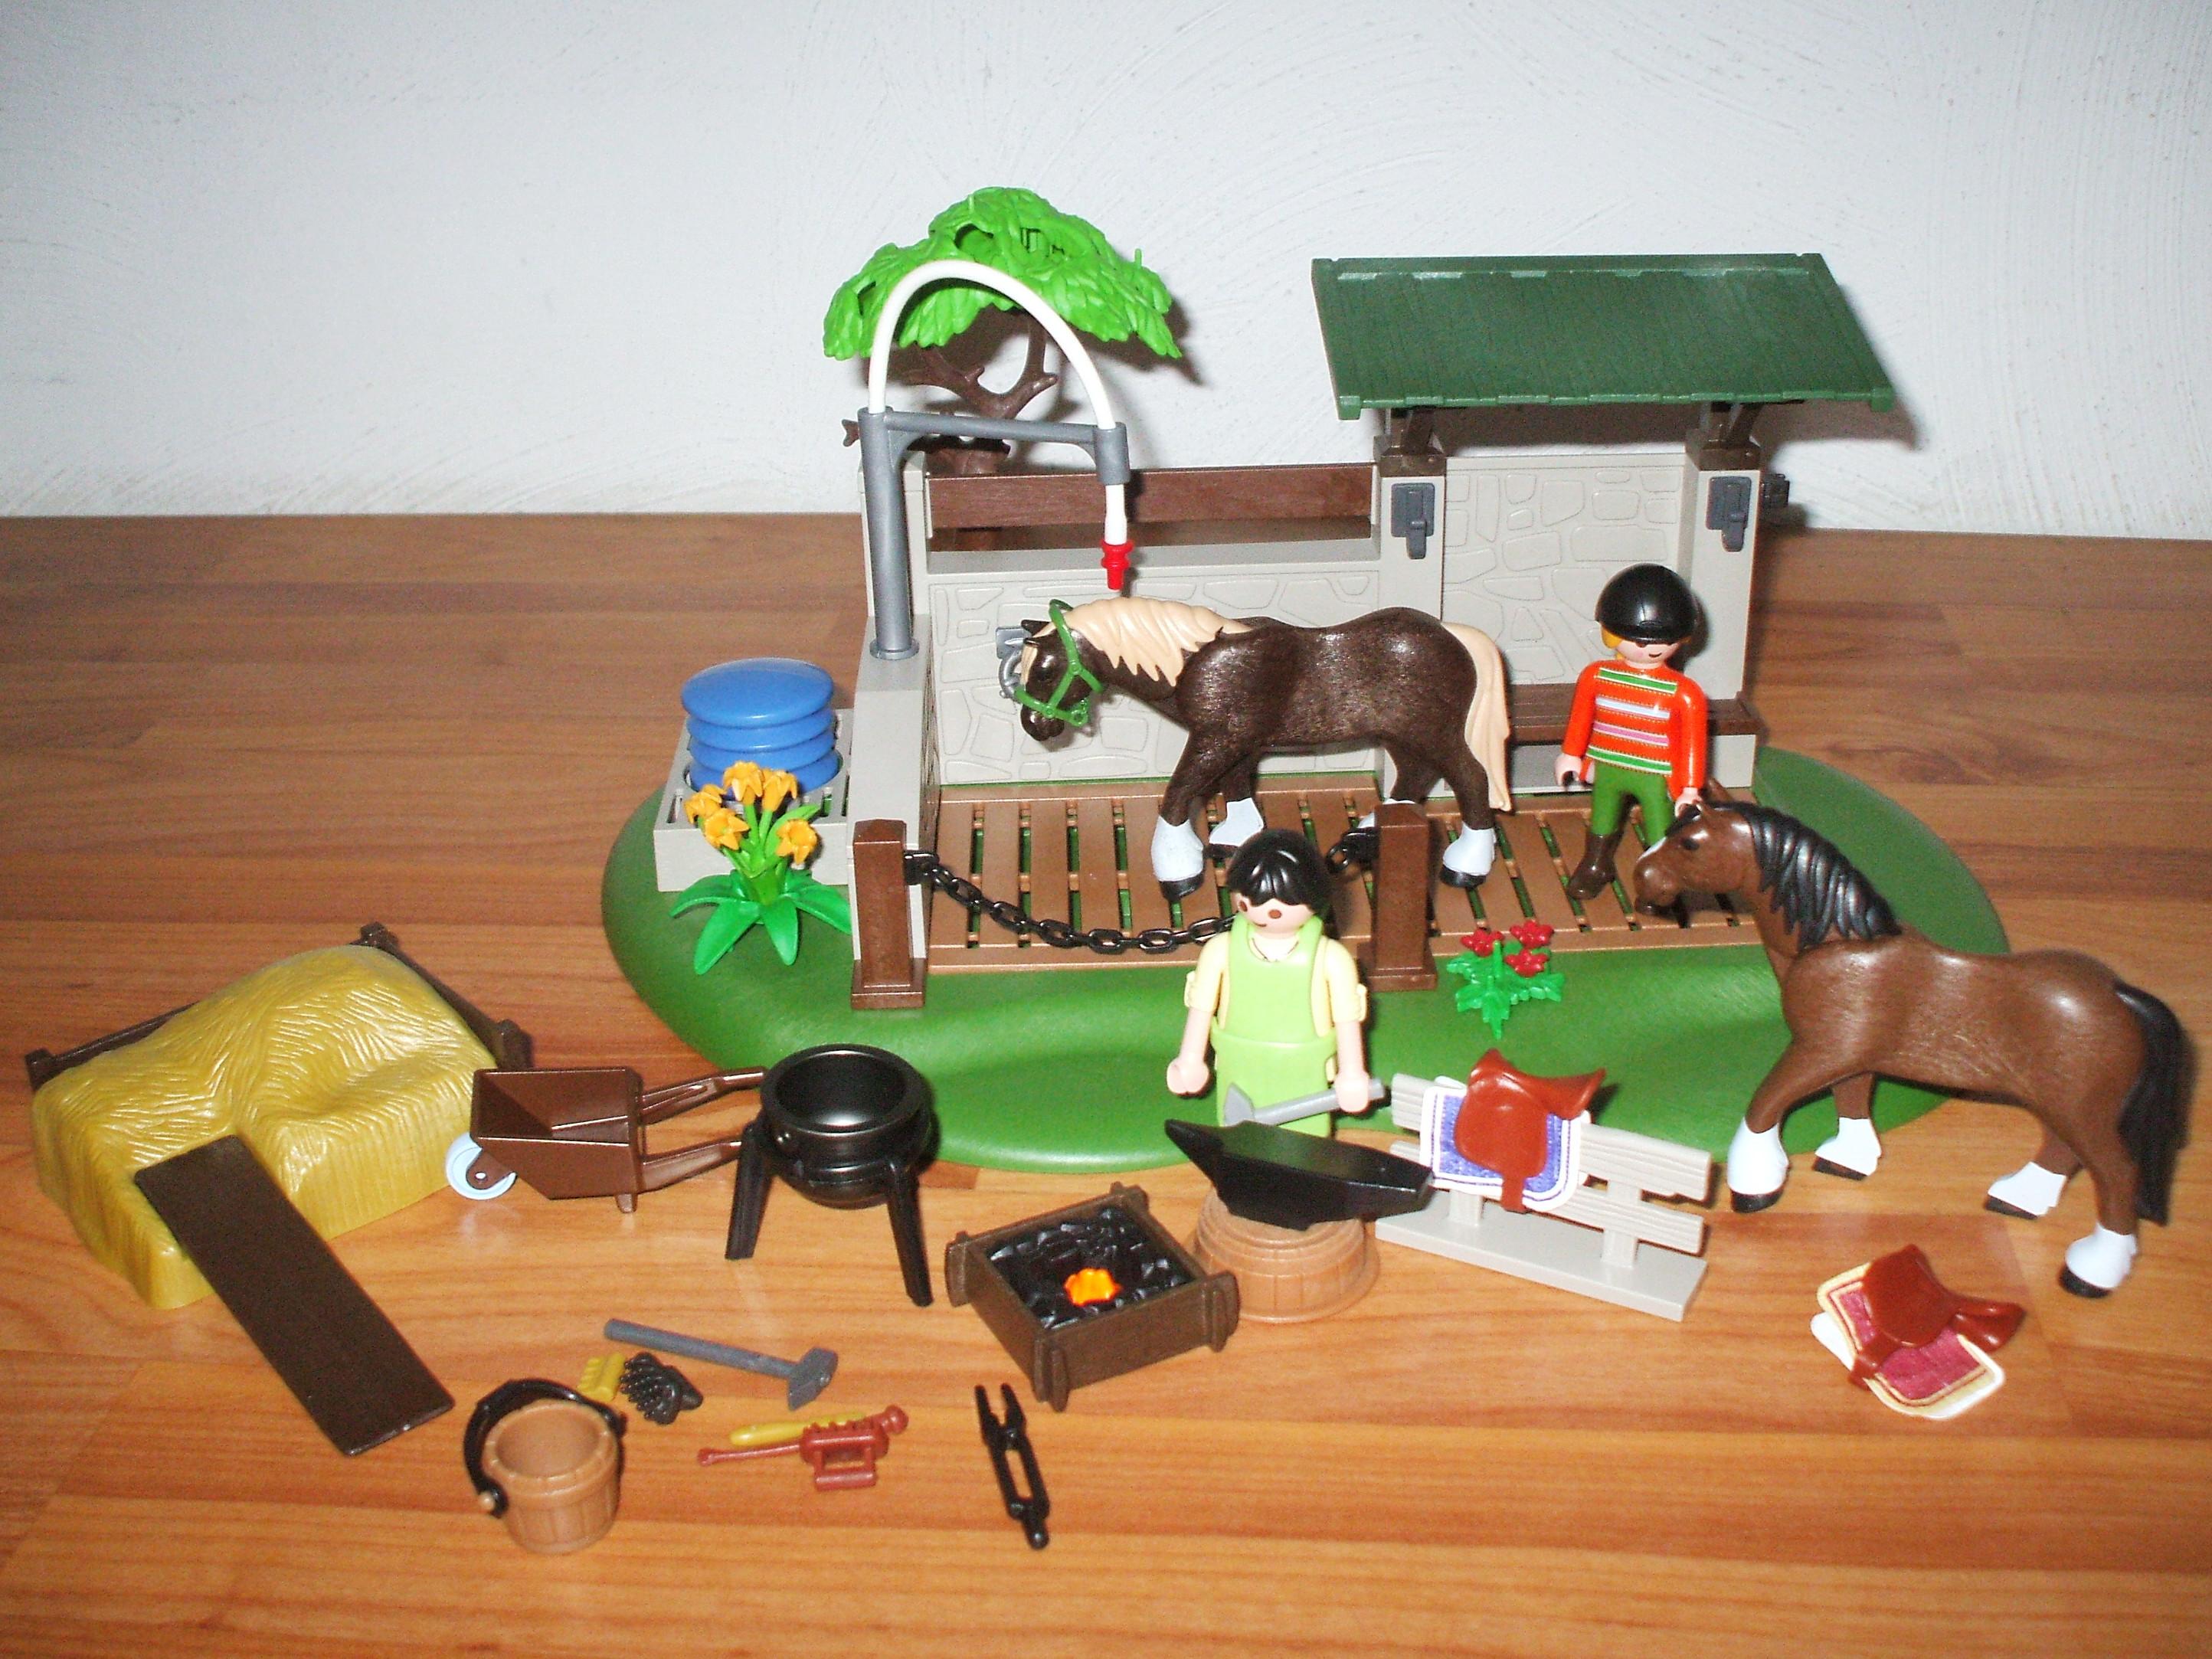 playmobil 5225 pferdepflegestation ebay. Black Bedroom Furniture Sets. Home Design Ideas